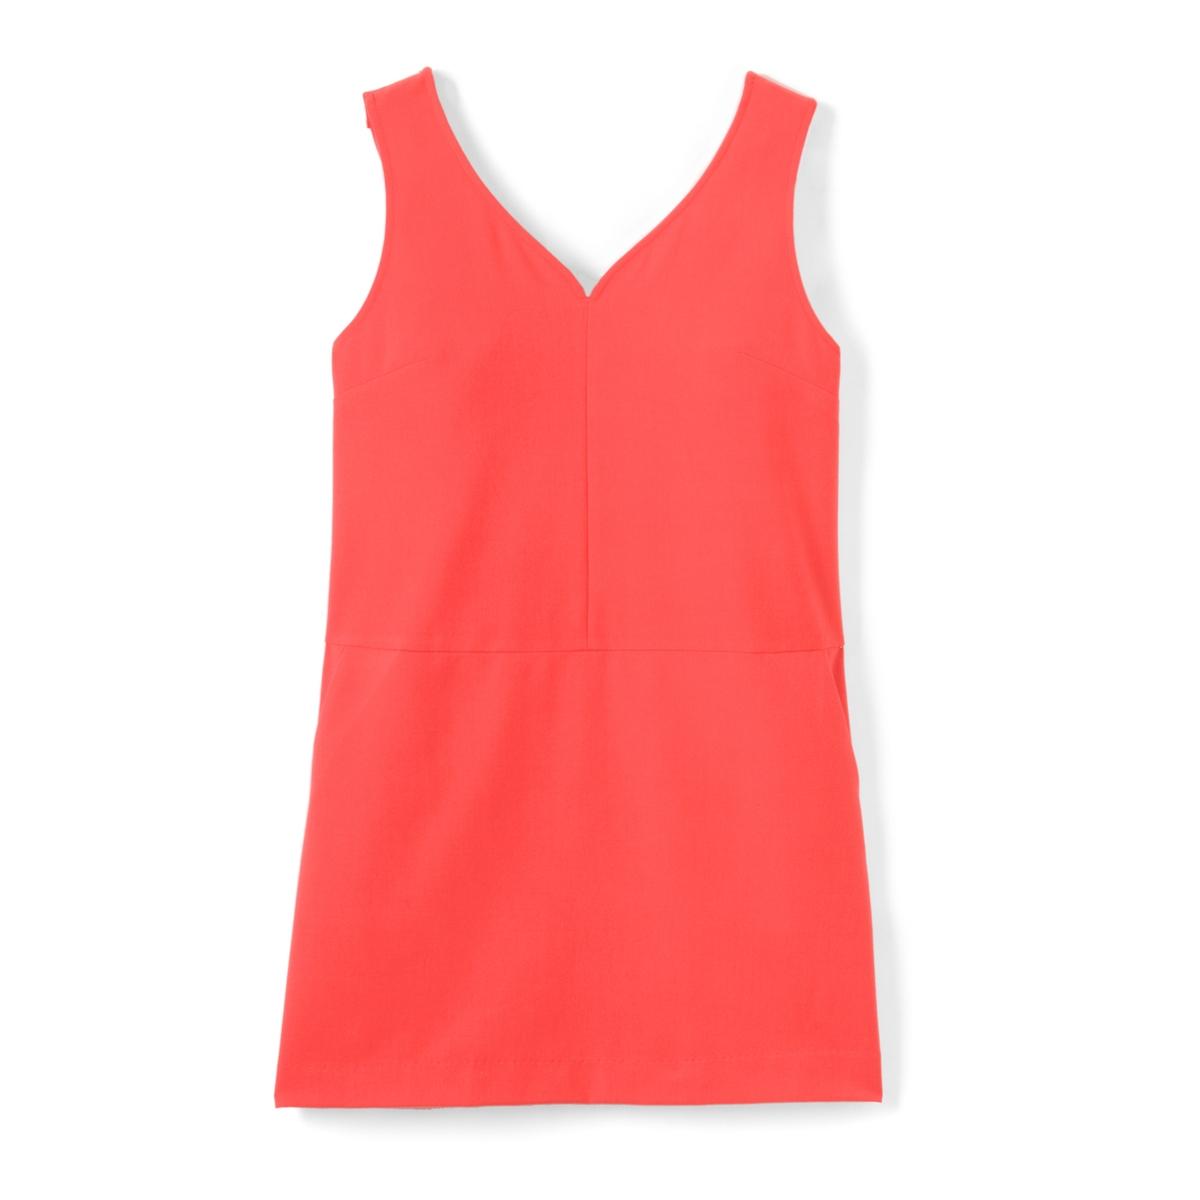 Платье с открытой спинкой с воланамиМатериал : 25% вискозы, 3% эластана, 72% полиэстера  Длина рукава : тонкие бретели  Форма воротника : V-образный вырез Покрой платья : платье прямого покроя  Рисунок : однотонная модель  Особенность платья : глубокий вырез сзади Длина платья : длина до колен<br><br>Цвет: коралловый